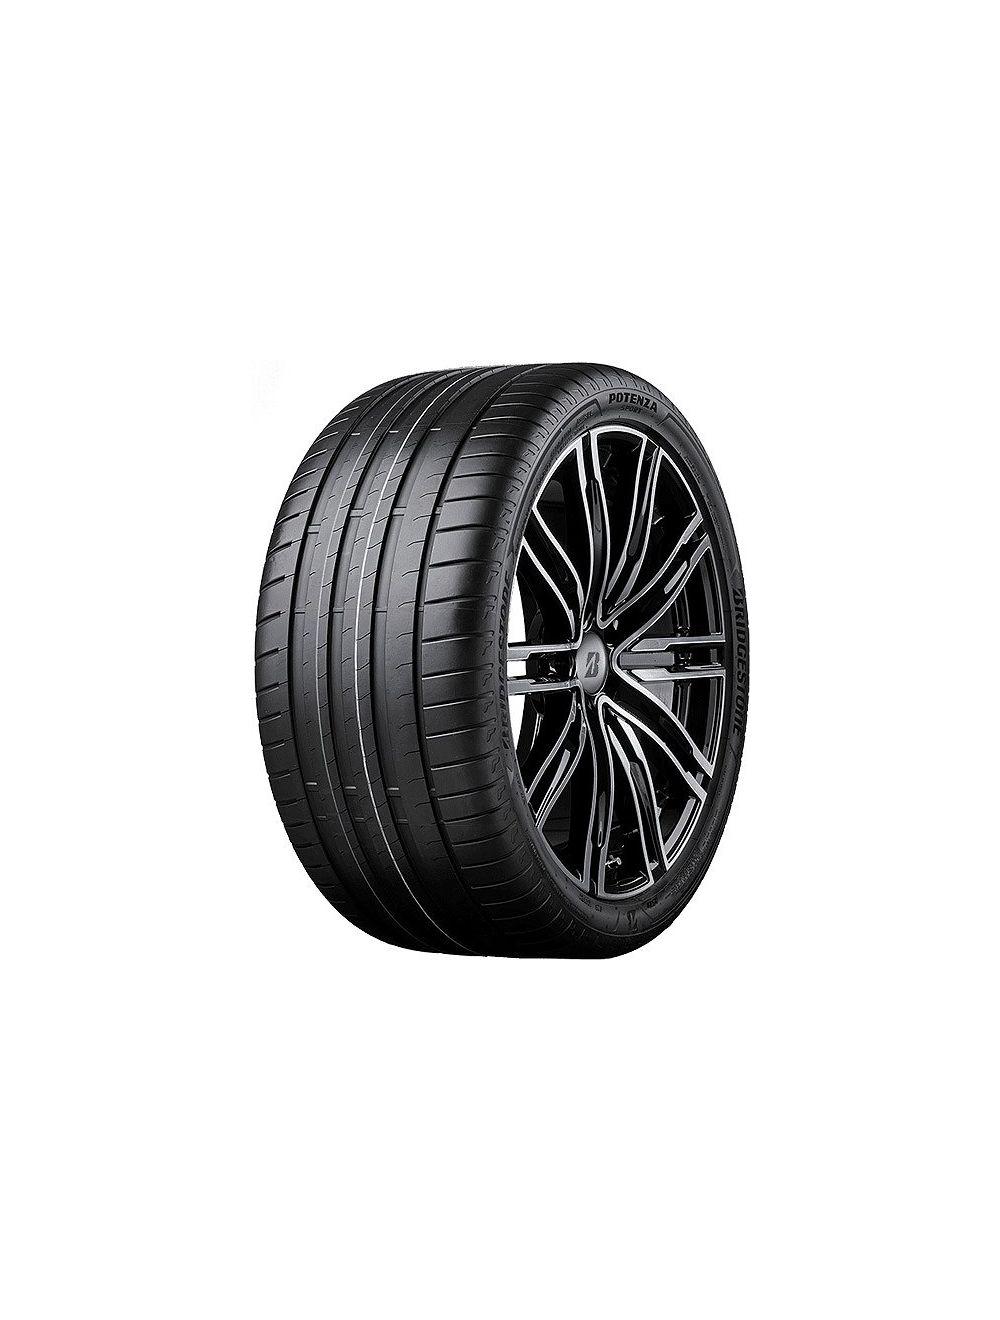 Bridgestone 275/45R20 Y PotenzaSport XL Nyári gumi